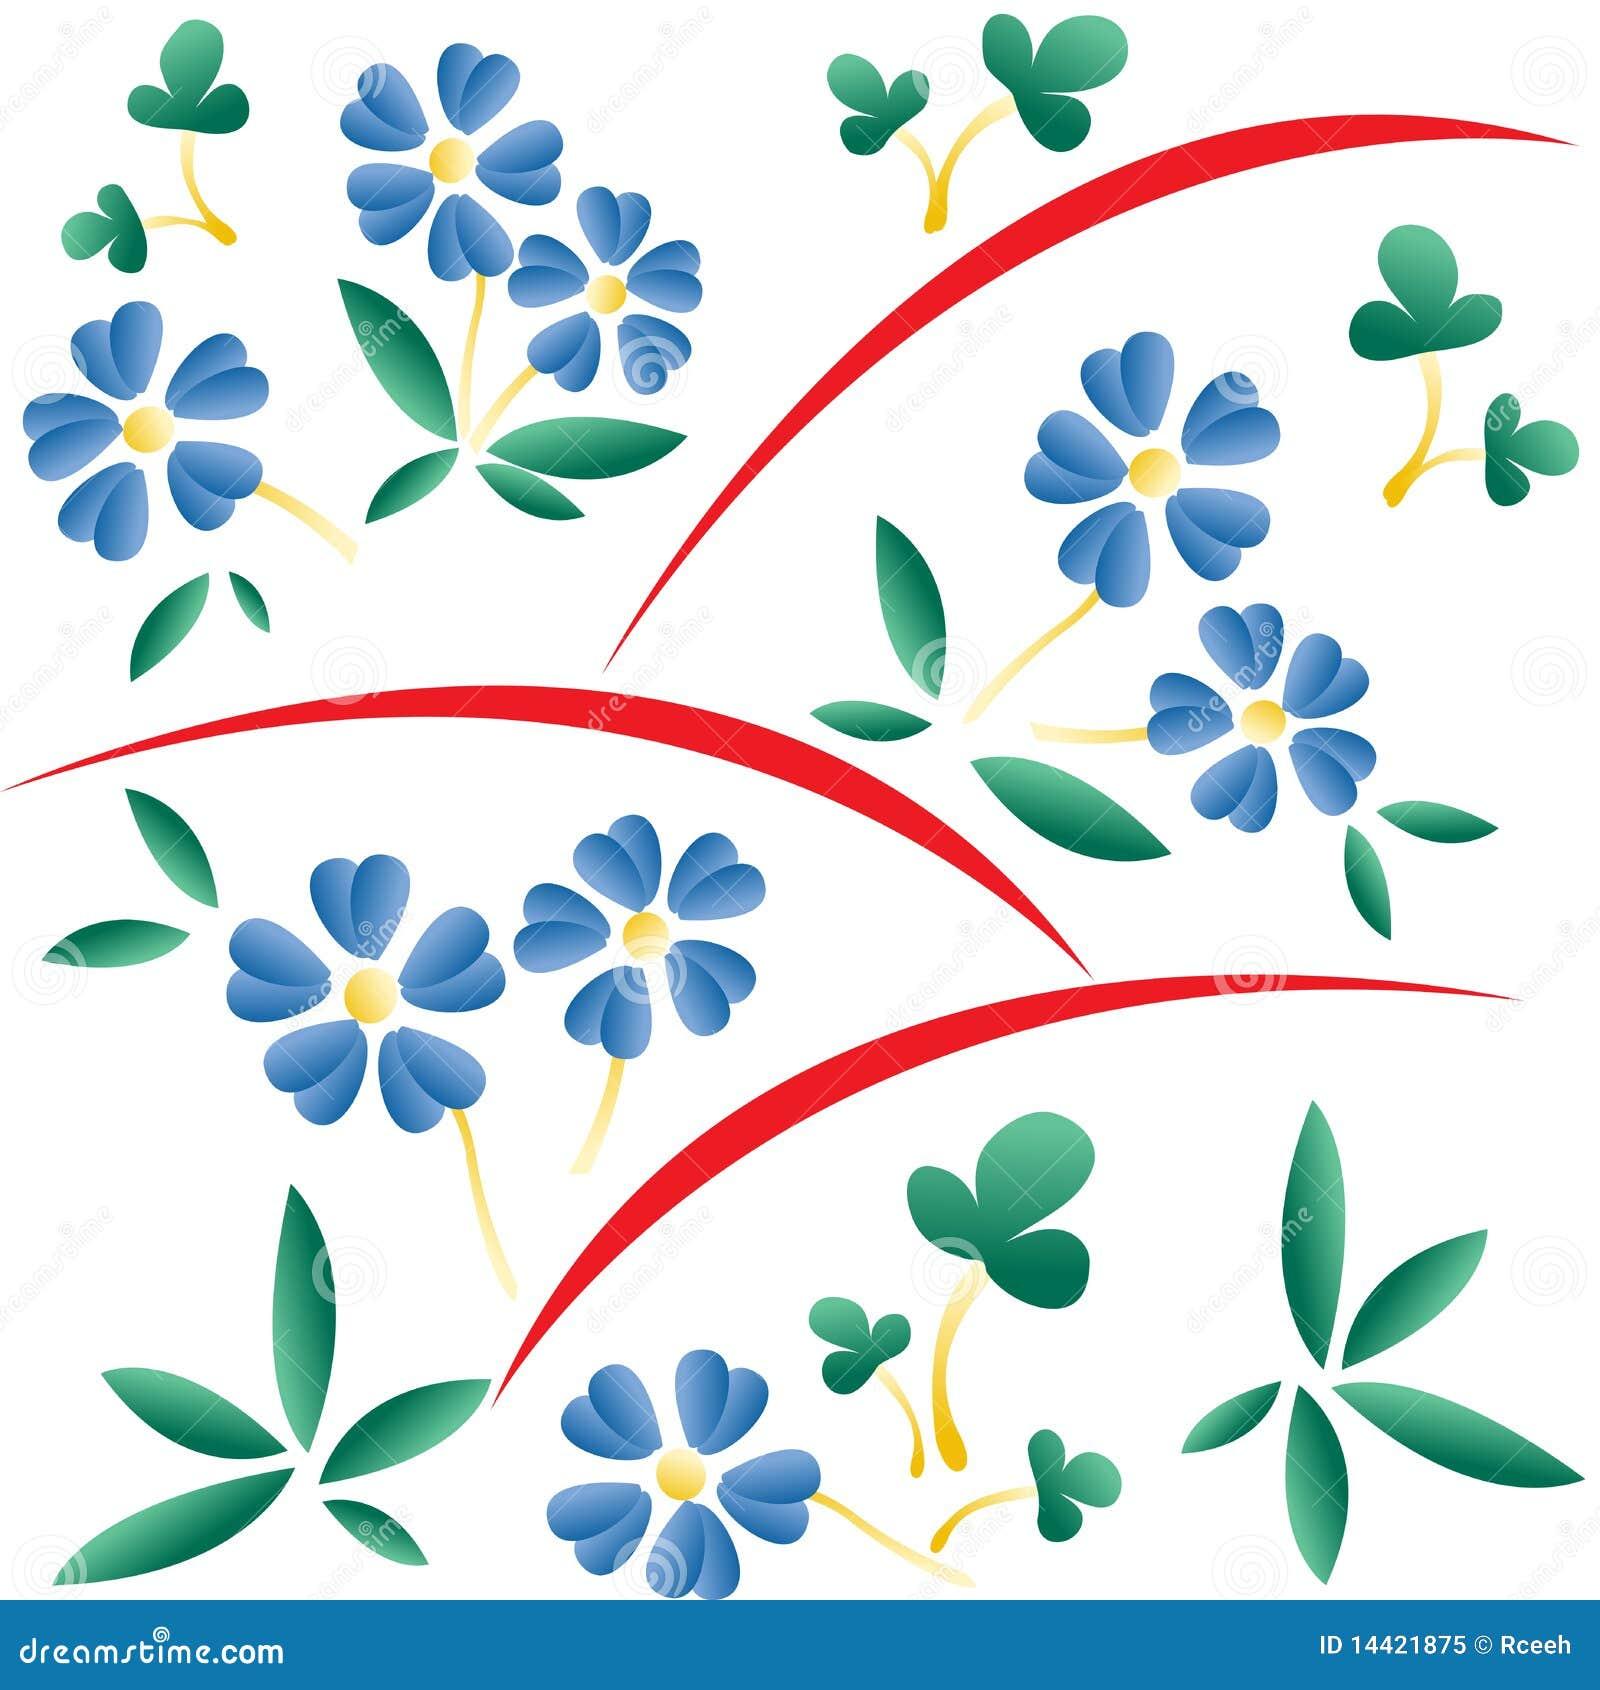 花卉设计图片